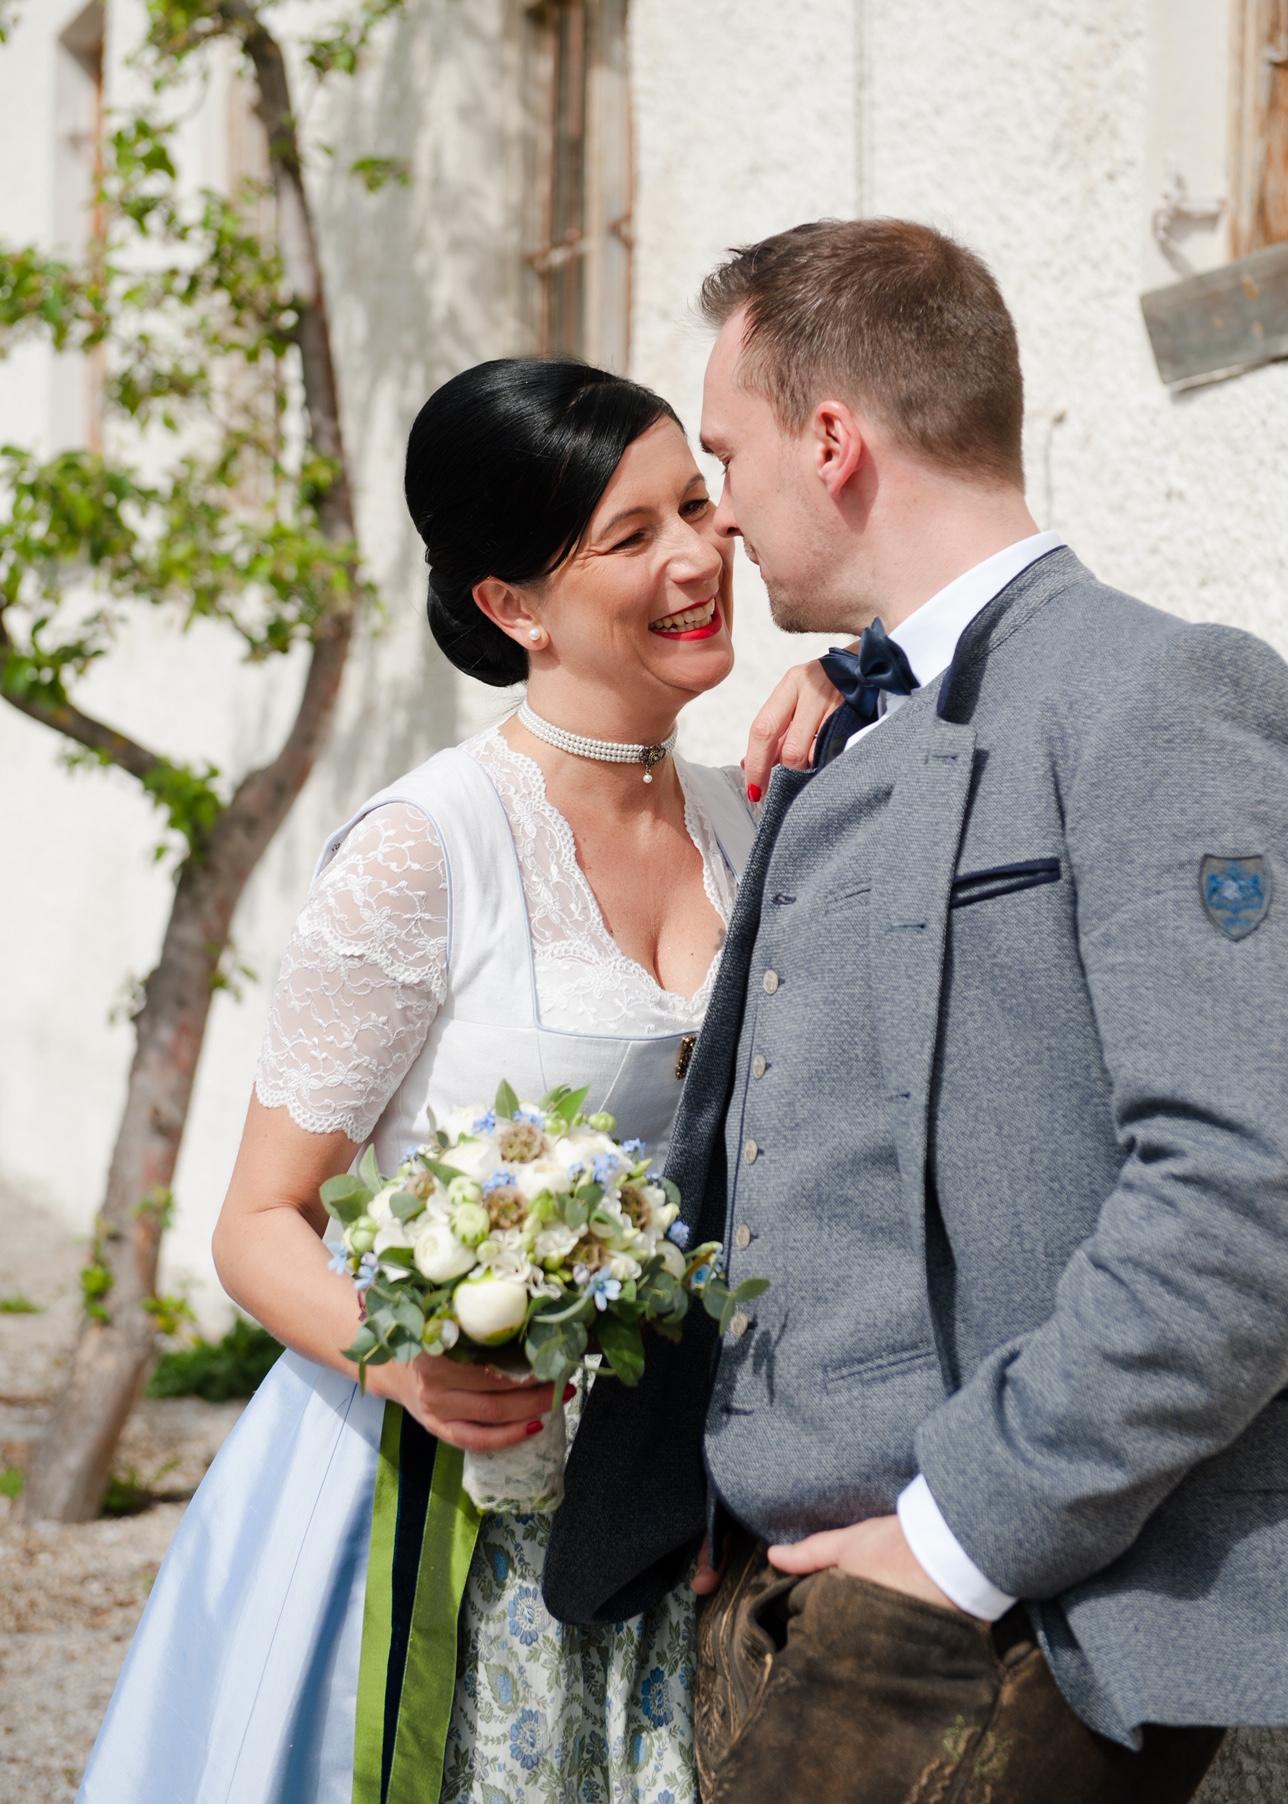 Hochzeitsdirndl von AlpenHerz auf der Hochzeit von Martina und Michael im April 2019